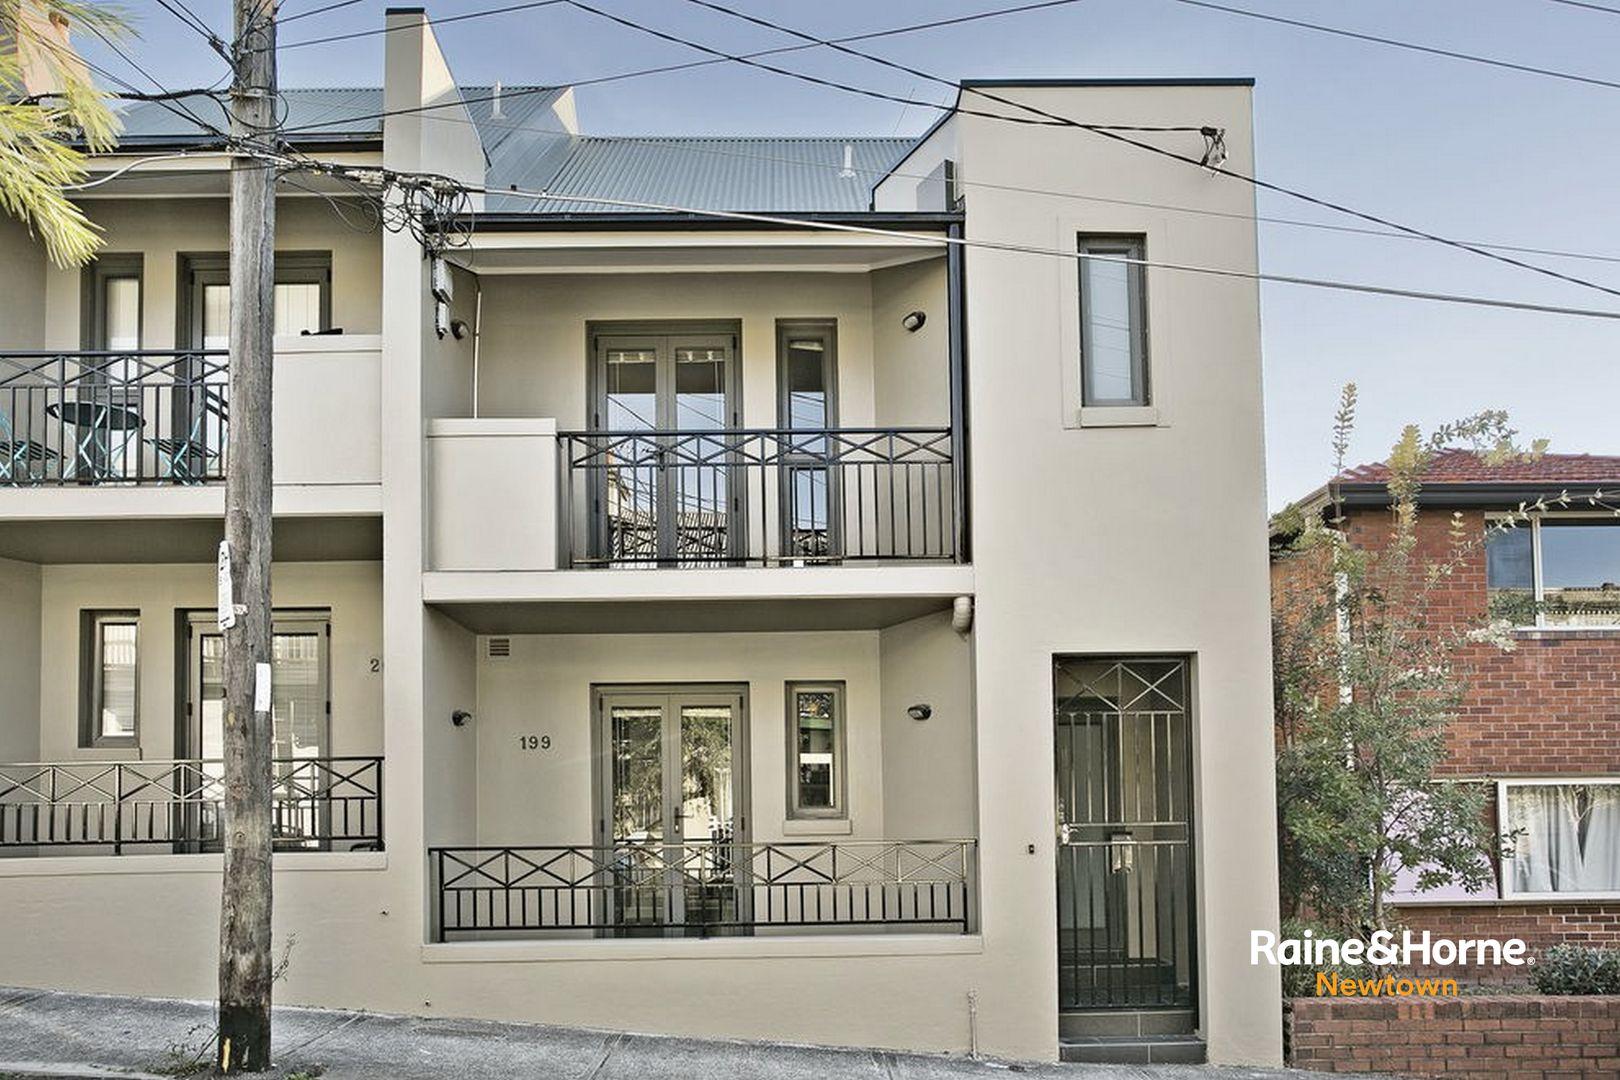 199 Denison Street, Newtown NSW 2042, Image 0